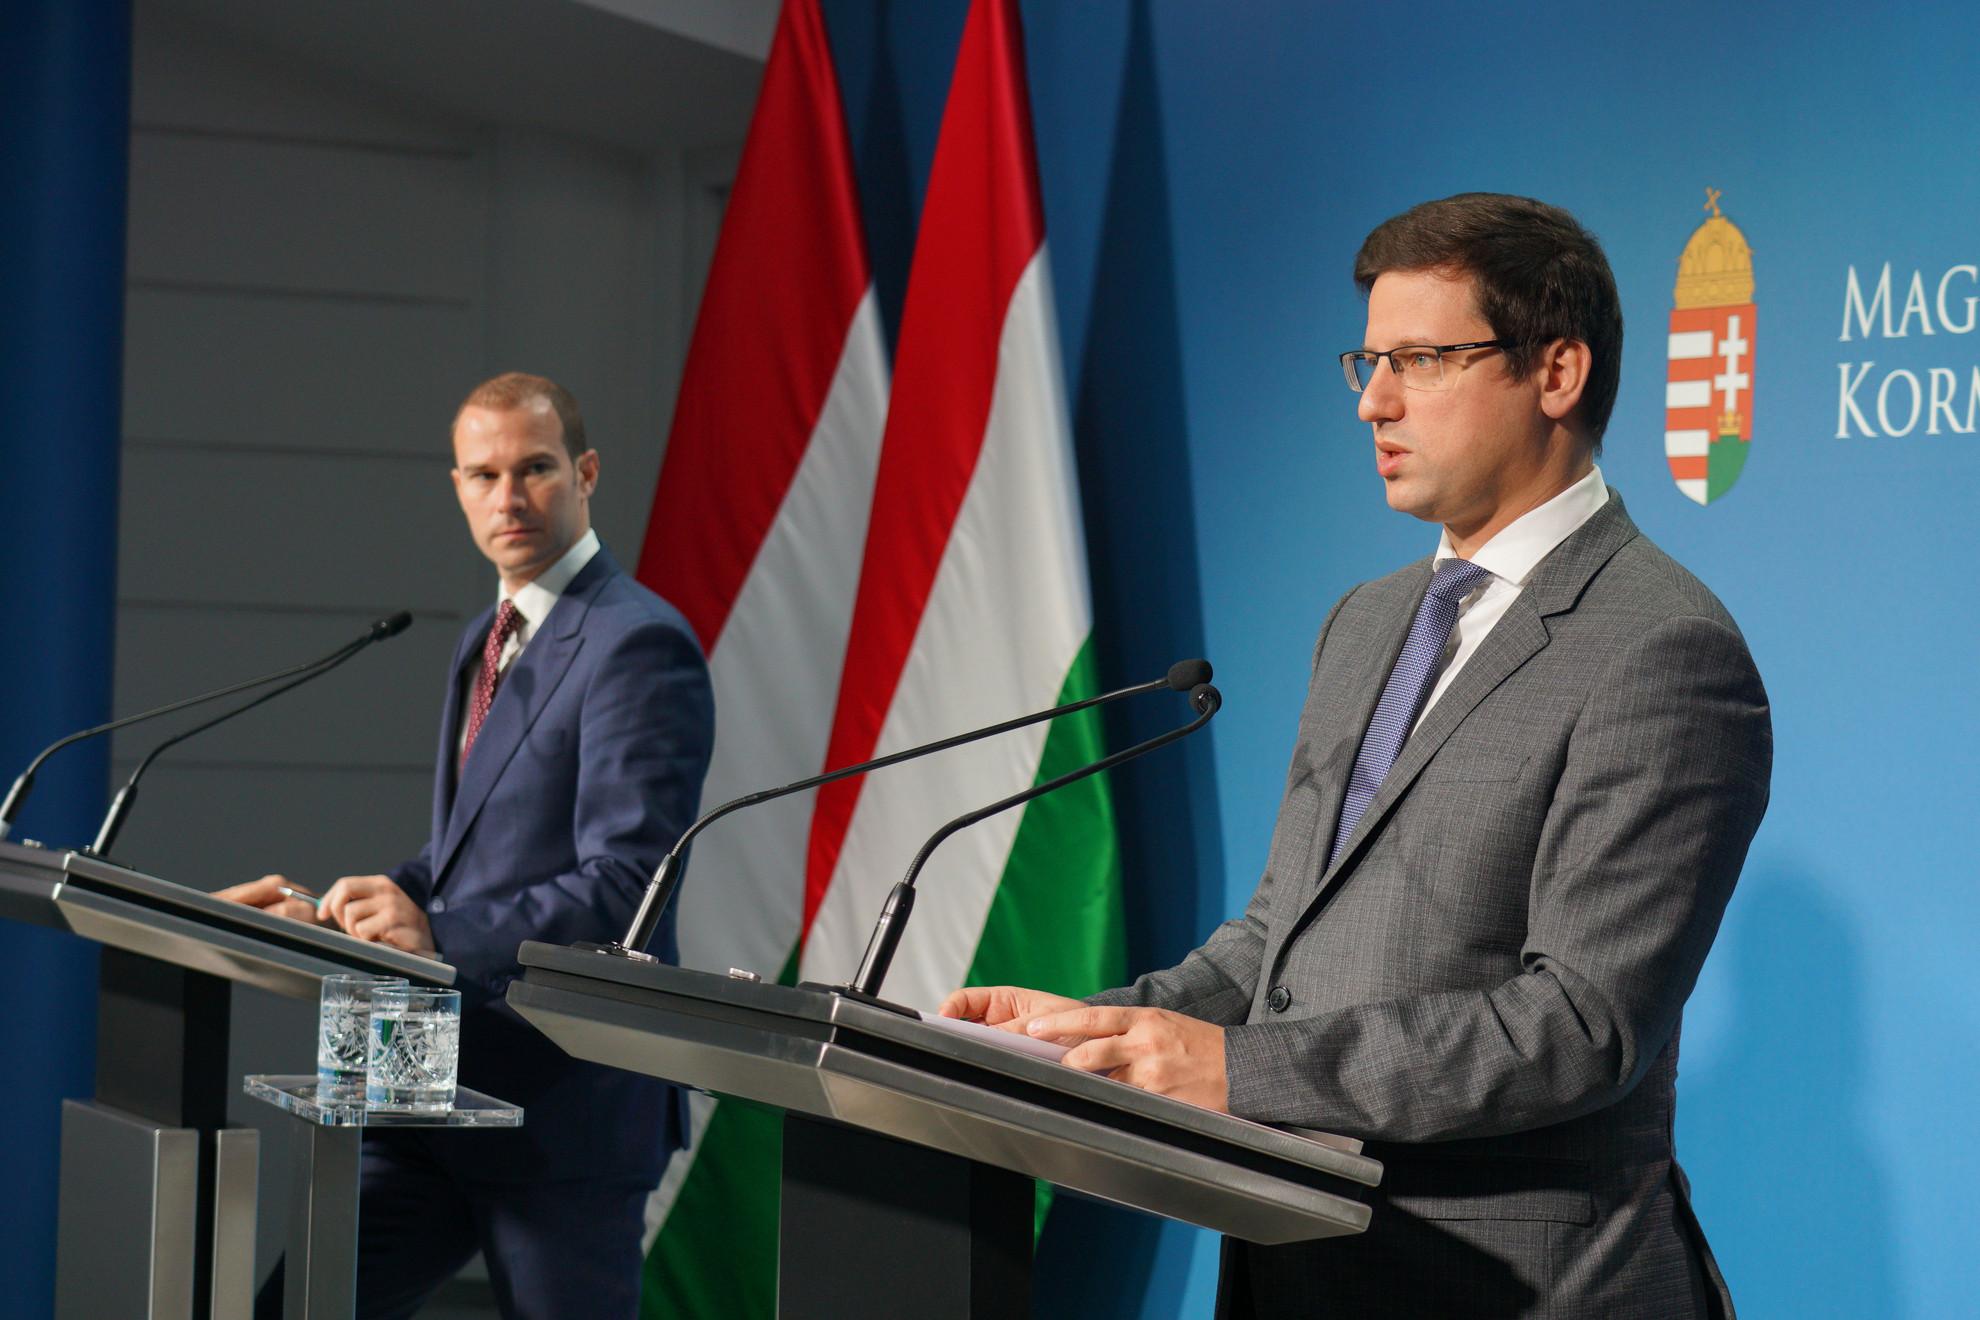 Hollik István kormányszóvivő (b) és Gulyás Gergely Miniszterelnökséget vezető miniszter a sajtótájékoztatón